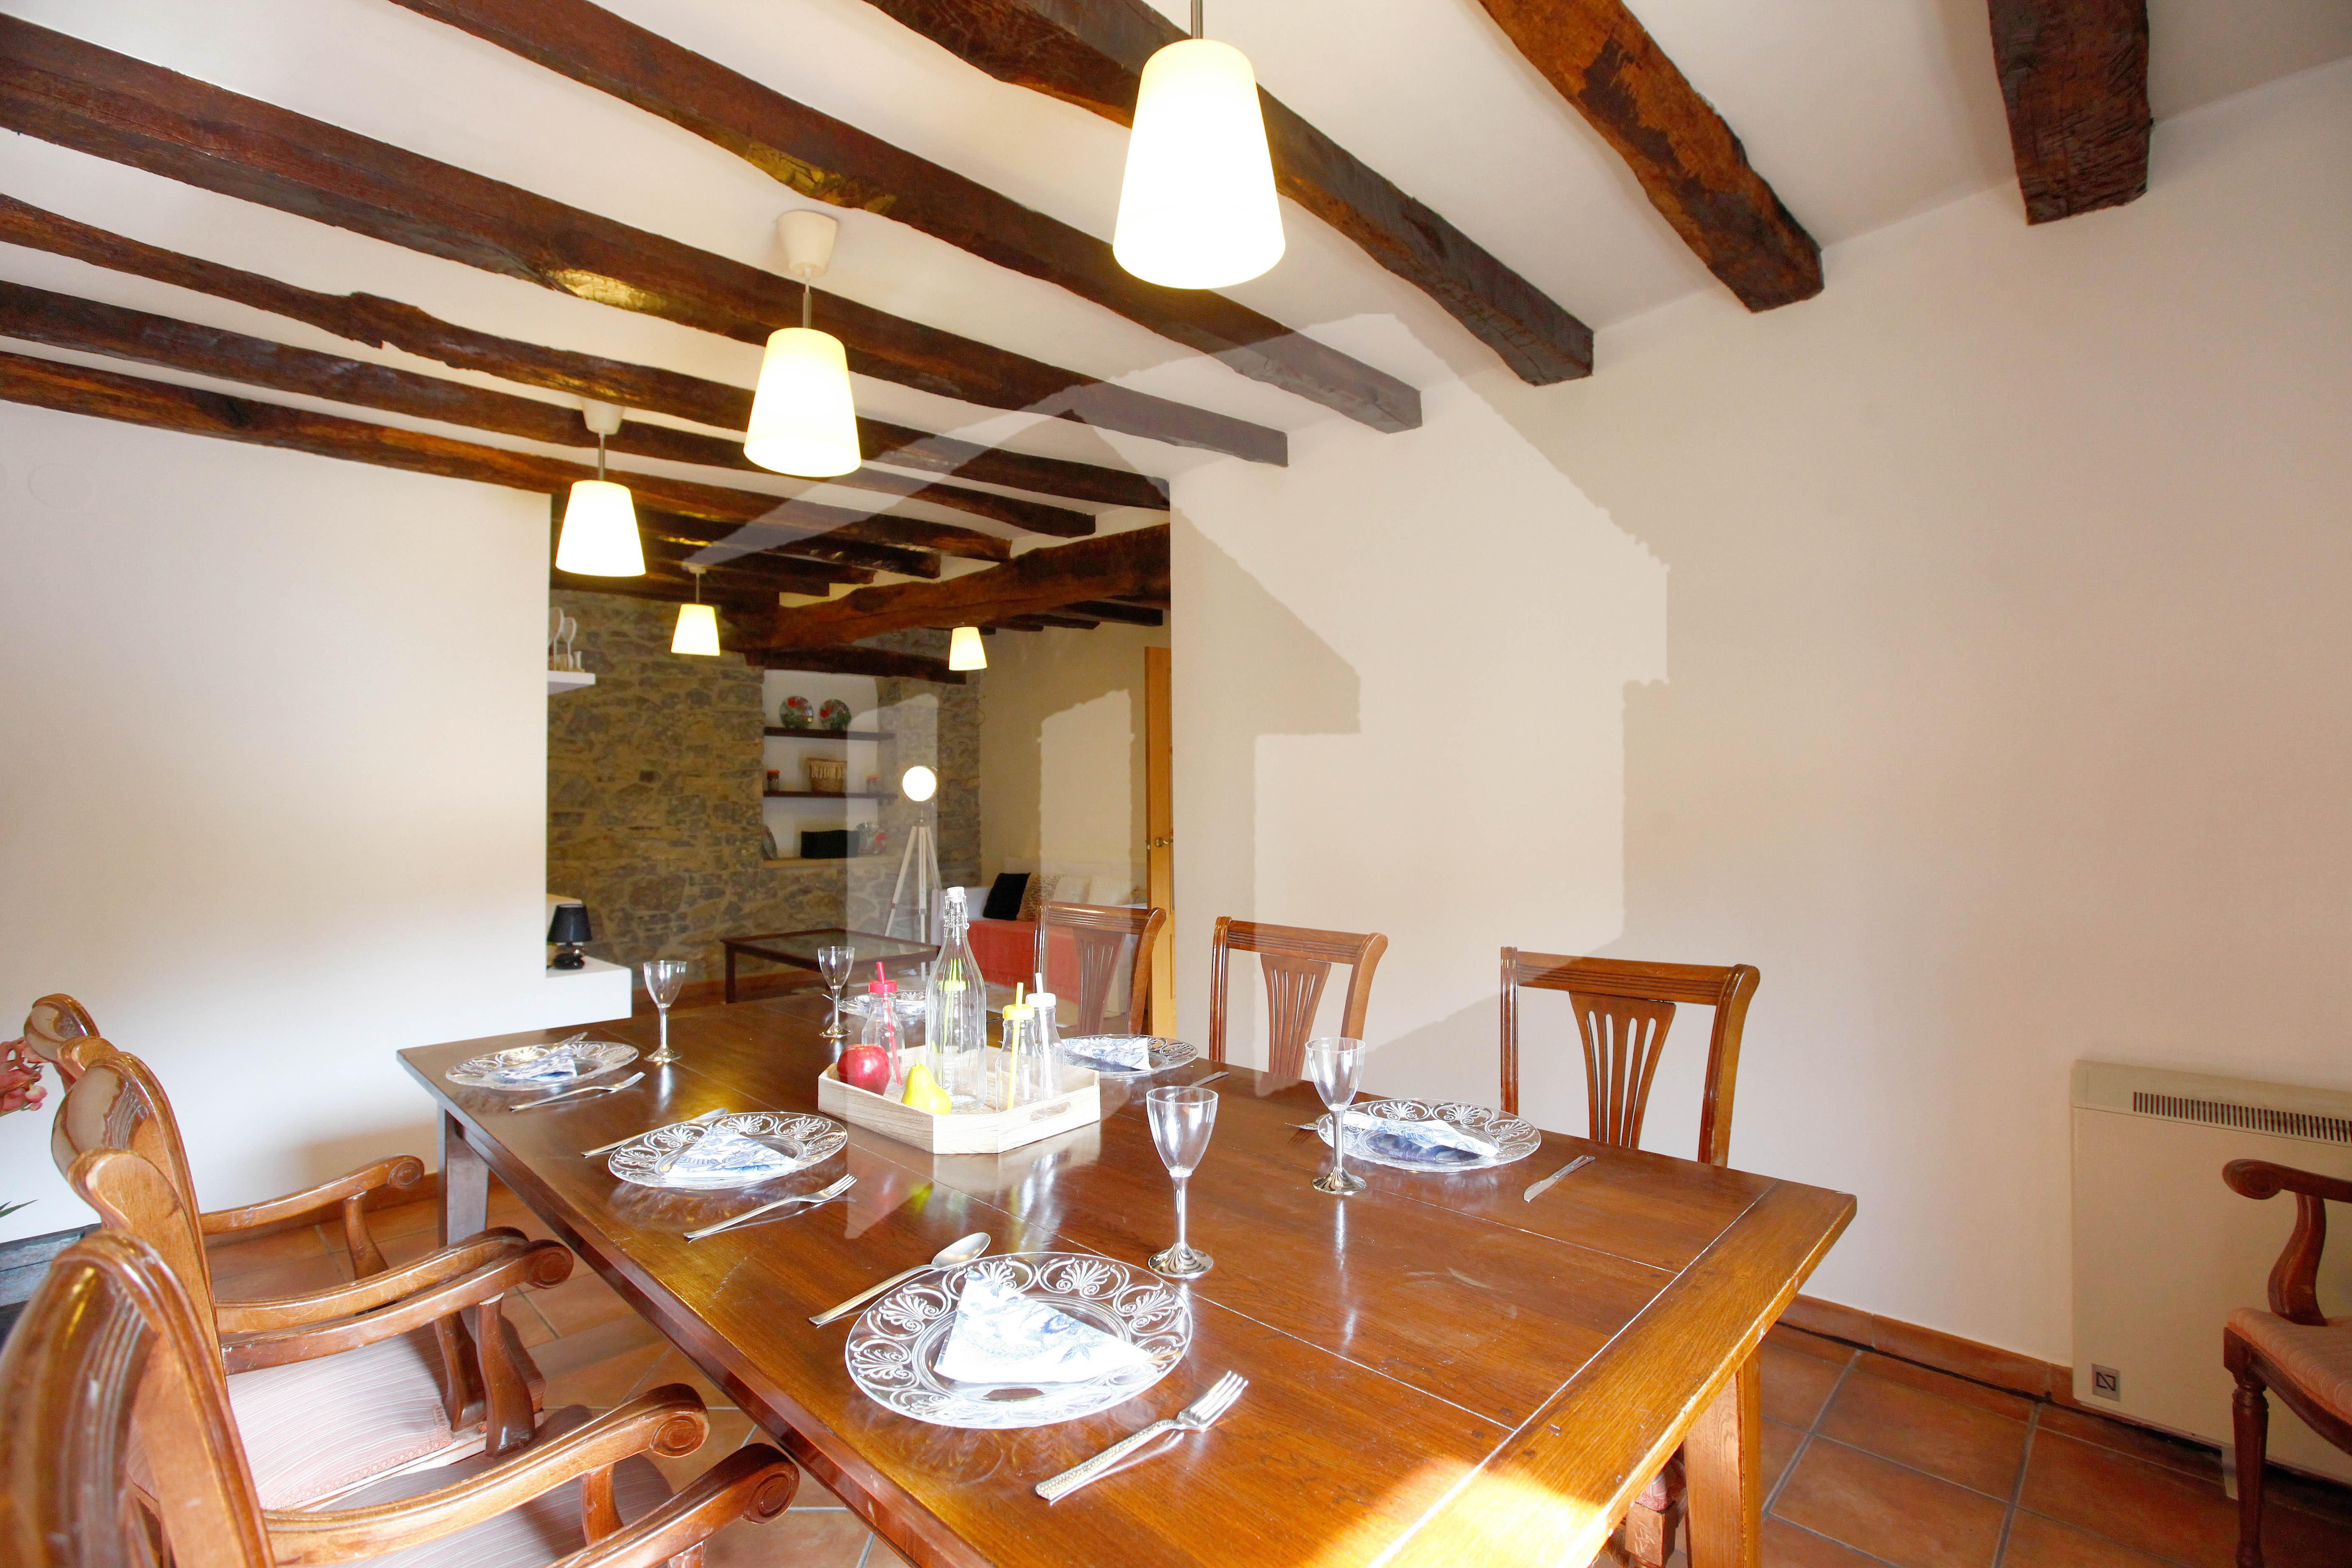 Bonito piso de 78 m2 en el barrio de Artia. Muy luminoso y con  tres balcones y bonitas vistas.